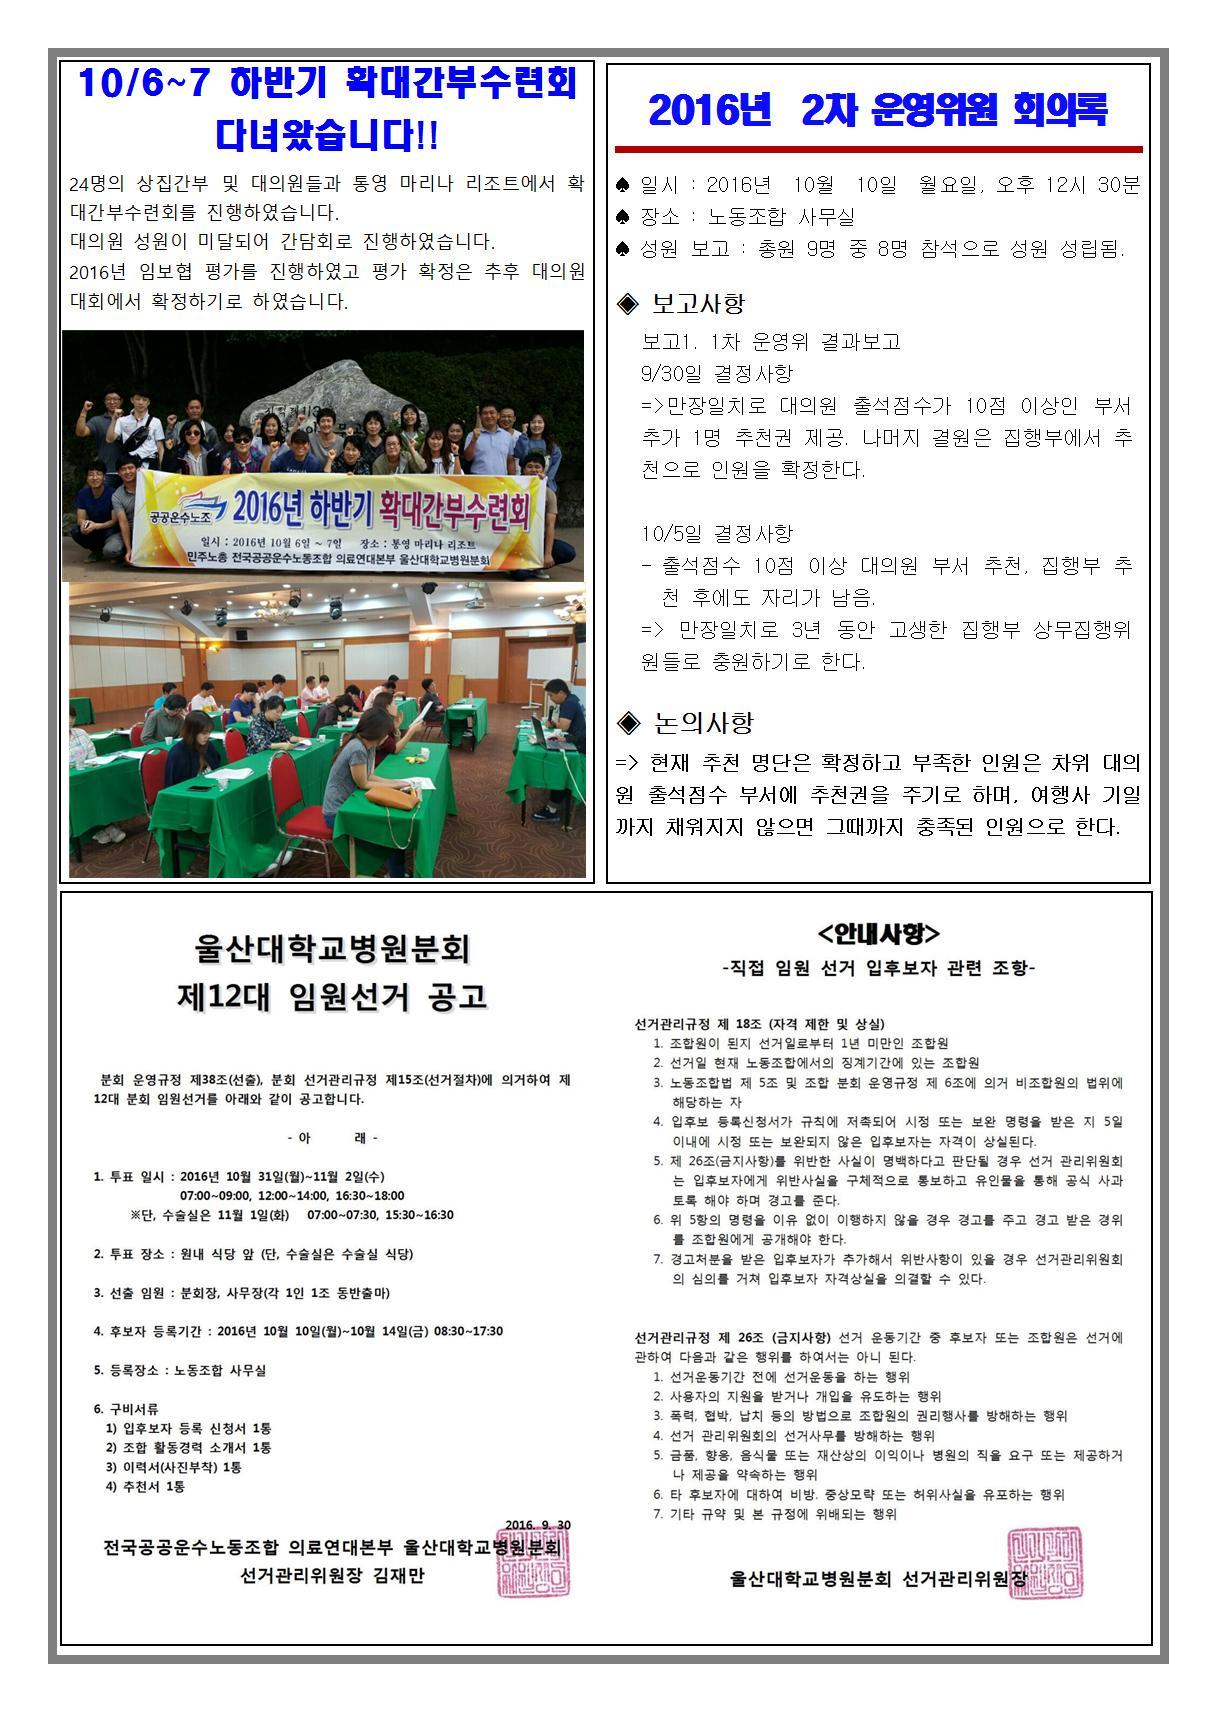 울산대병원분회 23호 뒷면001.jpg